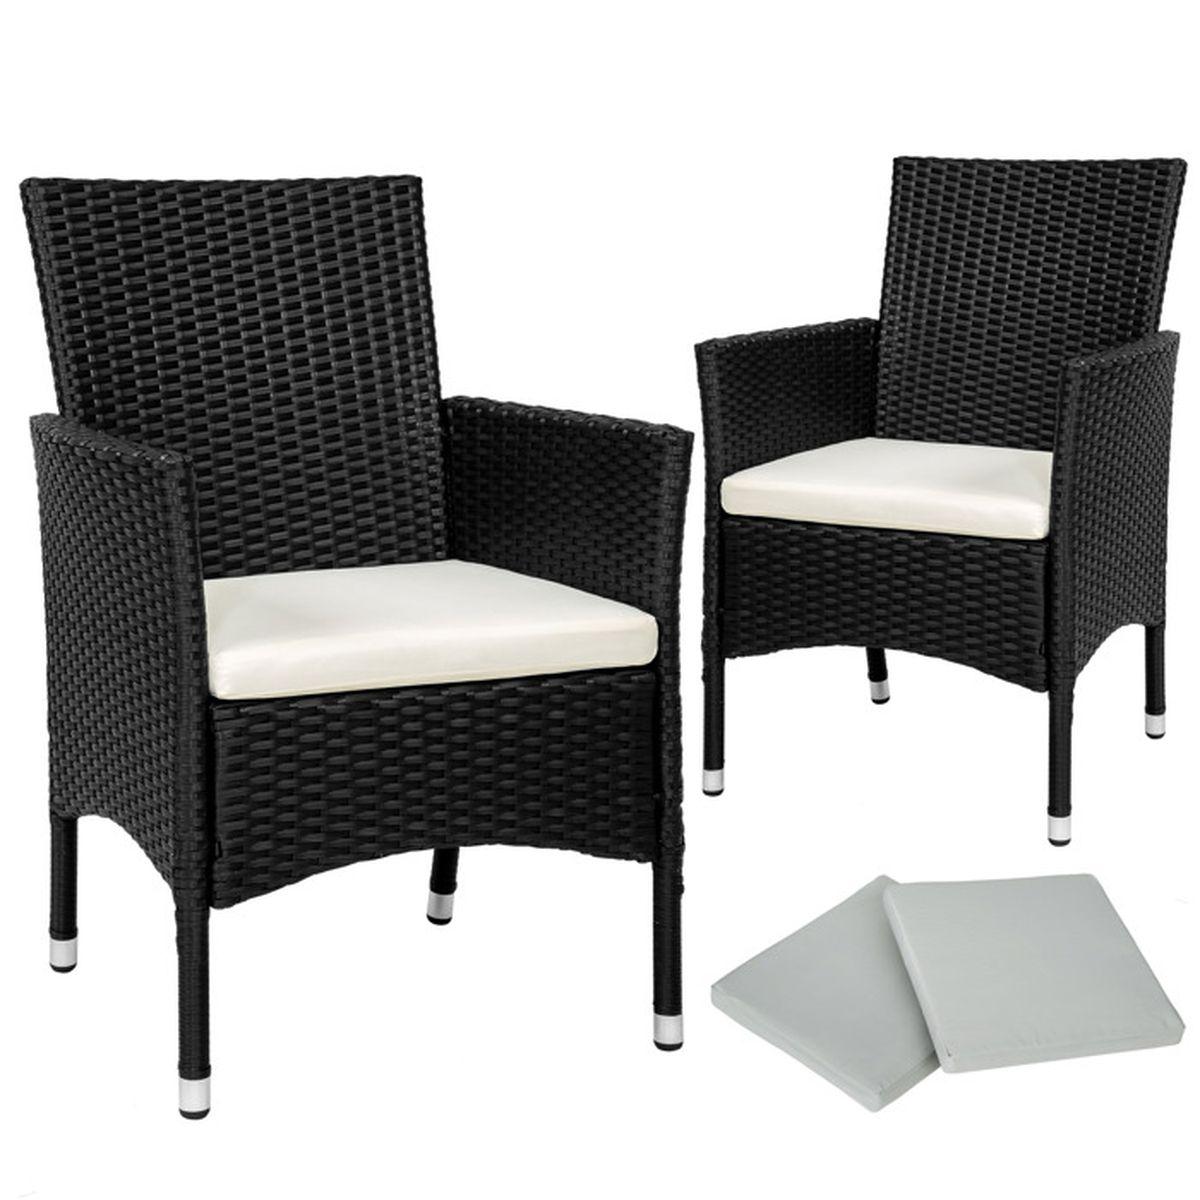 chaises et fauteuils de jardin achat vente chaises et fauteuils de jardin de jardin pas cher. Black Bedroom Furniture Sets. Home Design Ideas